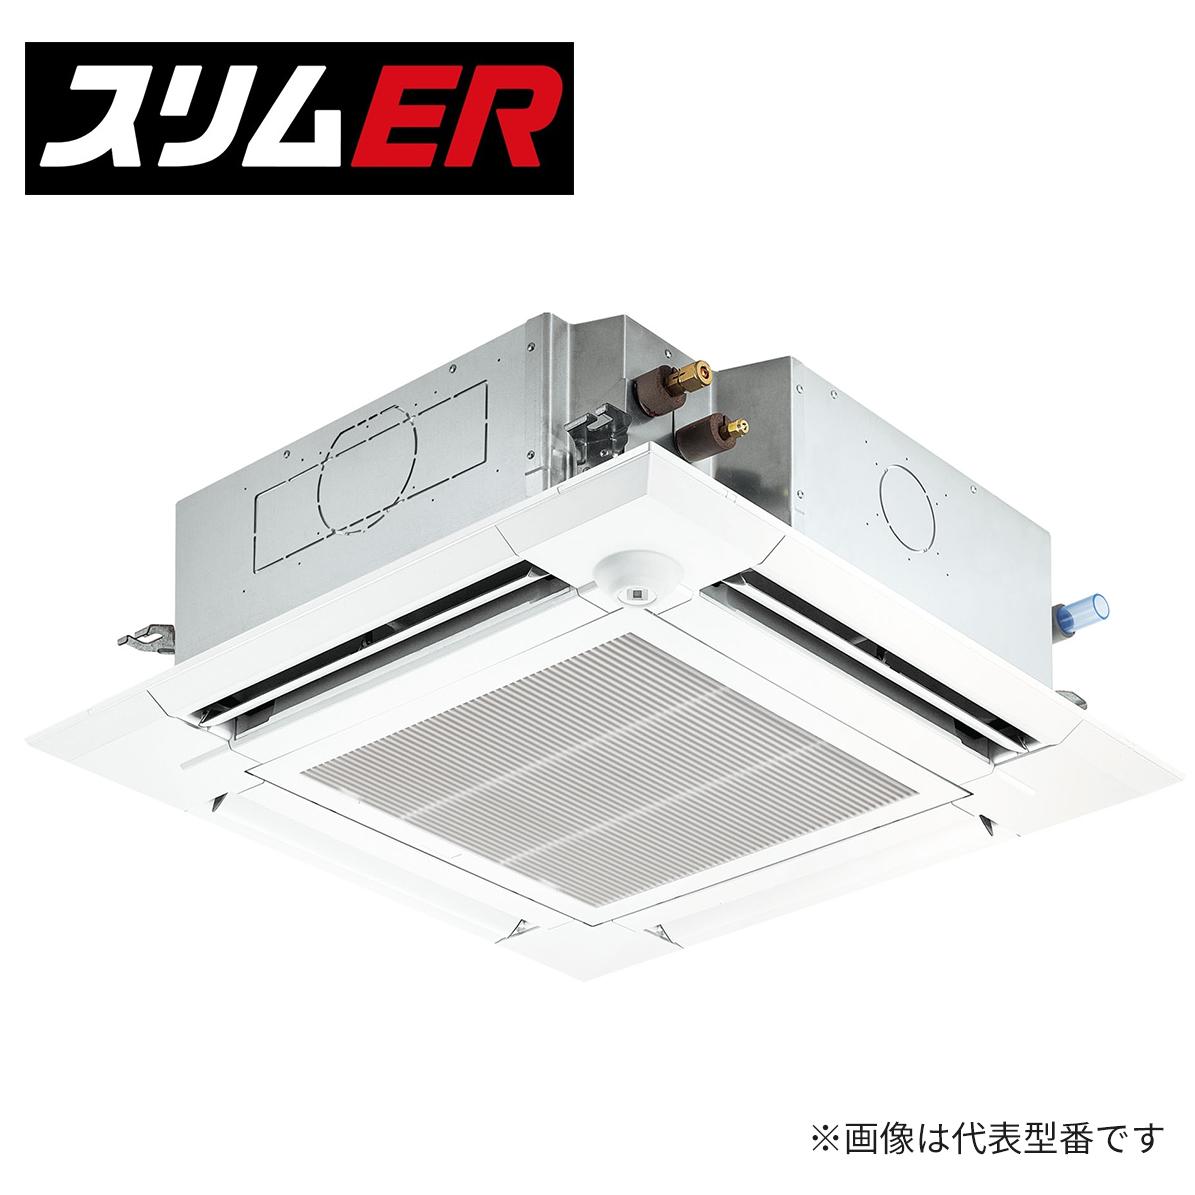 ###三菱 業務用エアコン【PLZ-ERMP50SER】スリムER 4方向天井カセット形(ファインパワーカセット) 標準シングル ワイヤード 単相200V 2馬力 ピュアホワイト